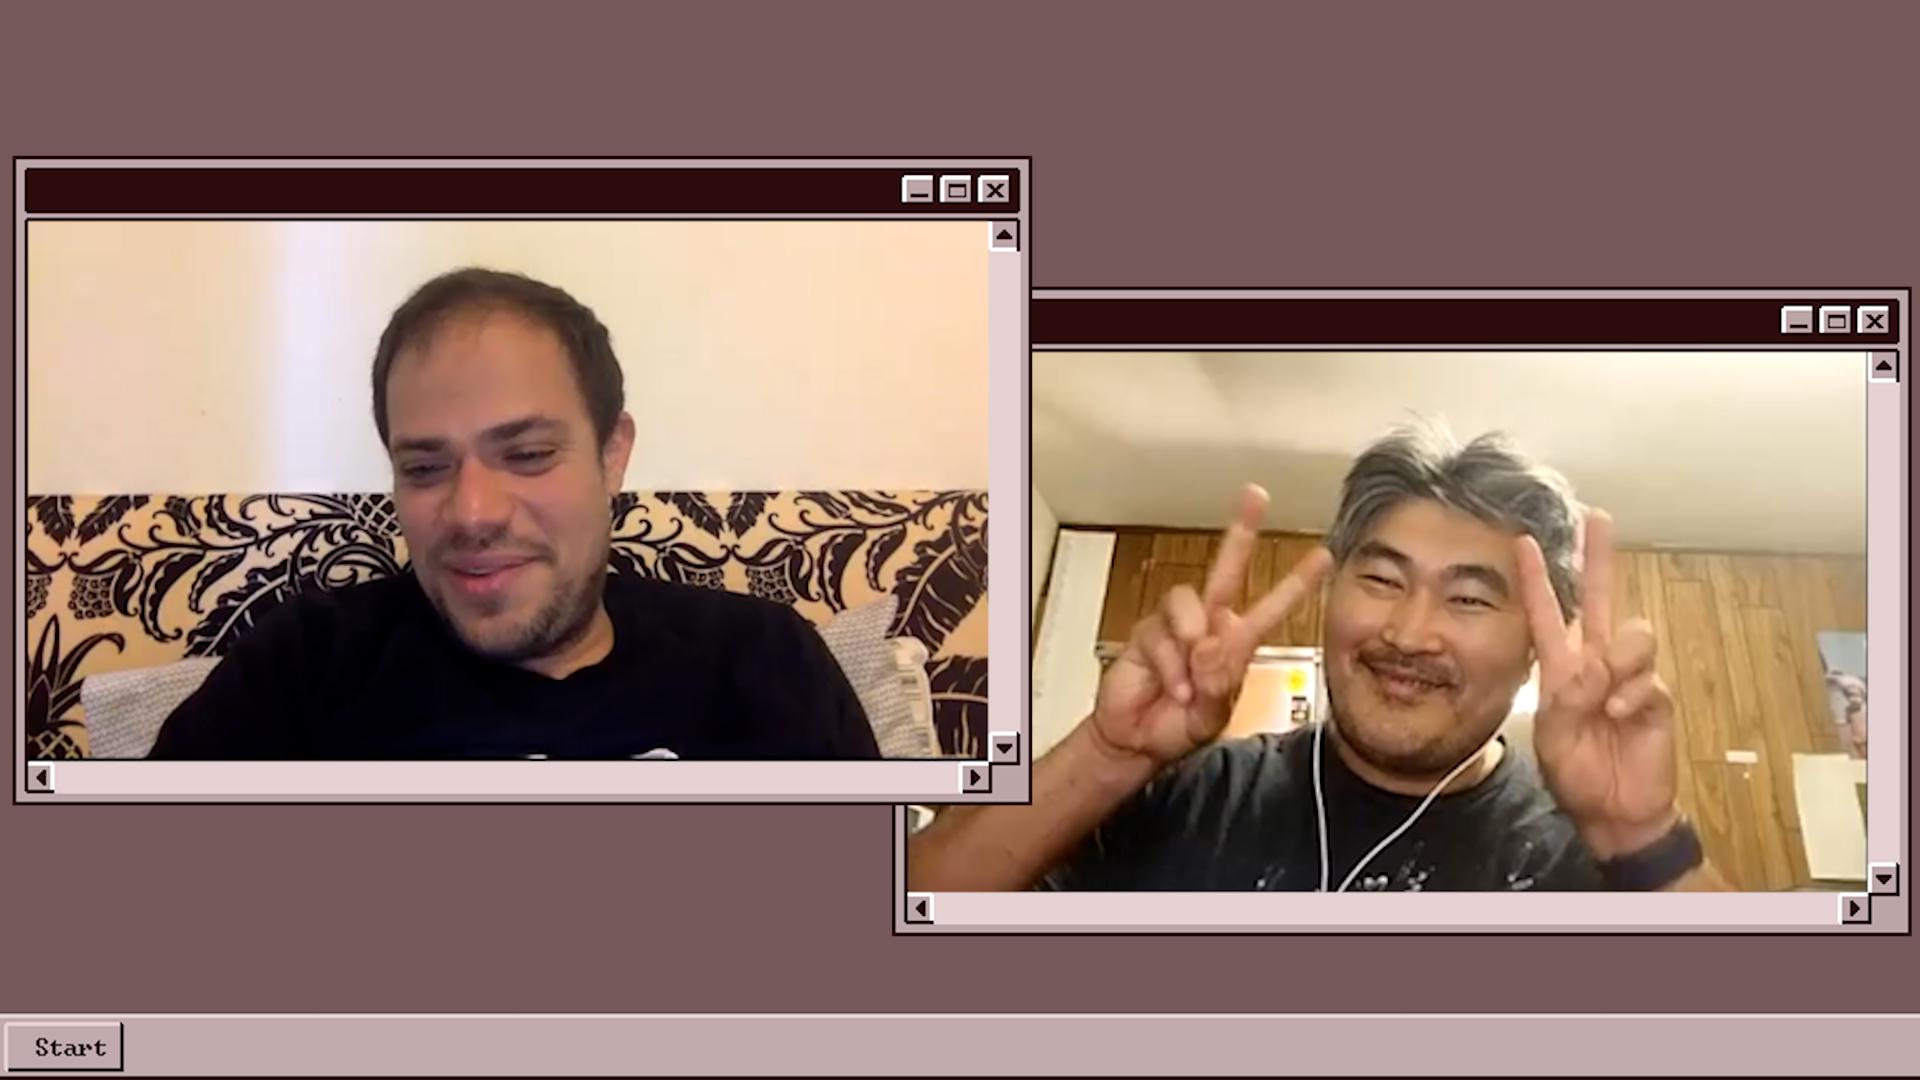 Peer 2 Peer : Jeff Rosenstock and Mike Park